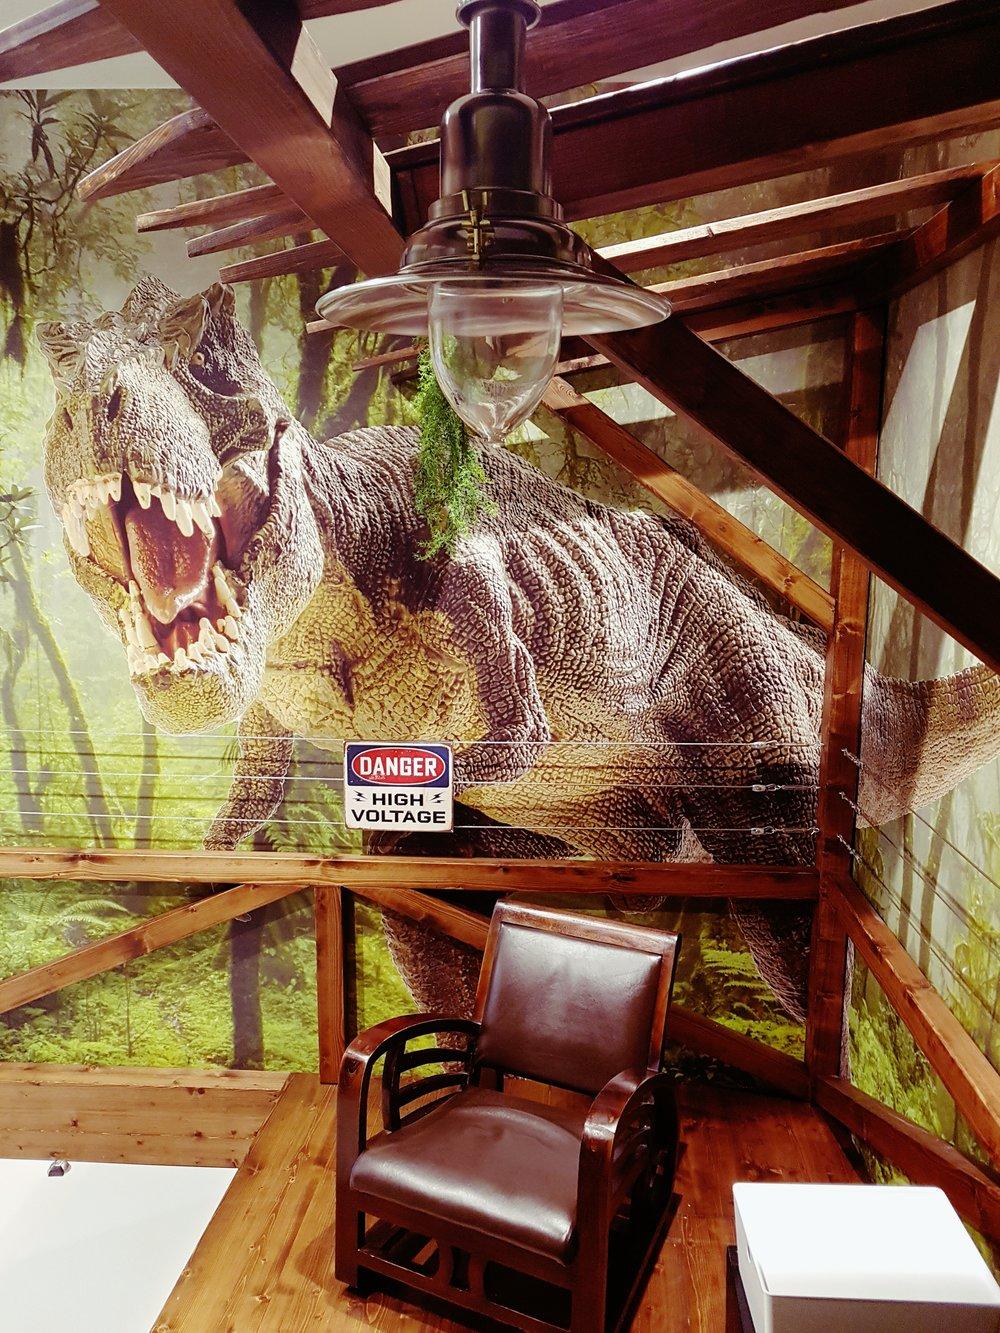 Jurassic Park room trivago campus